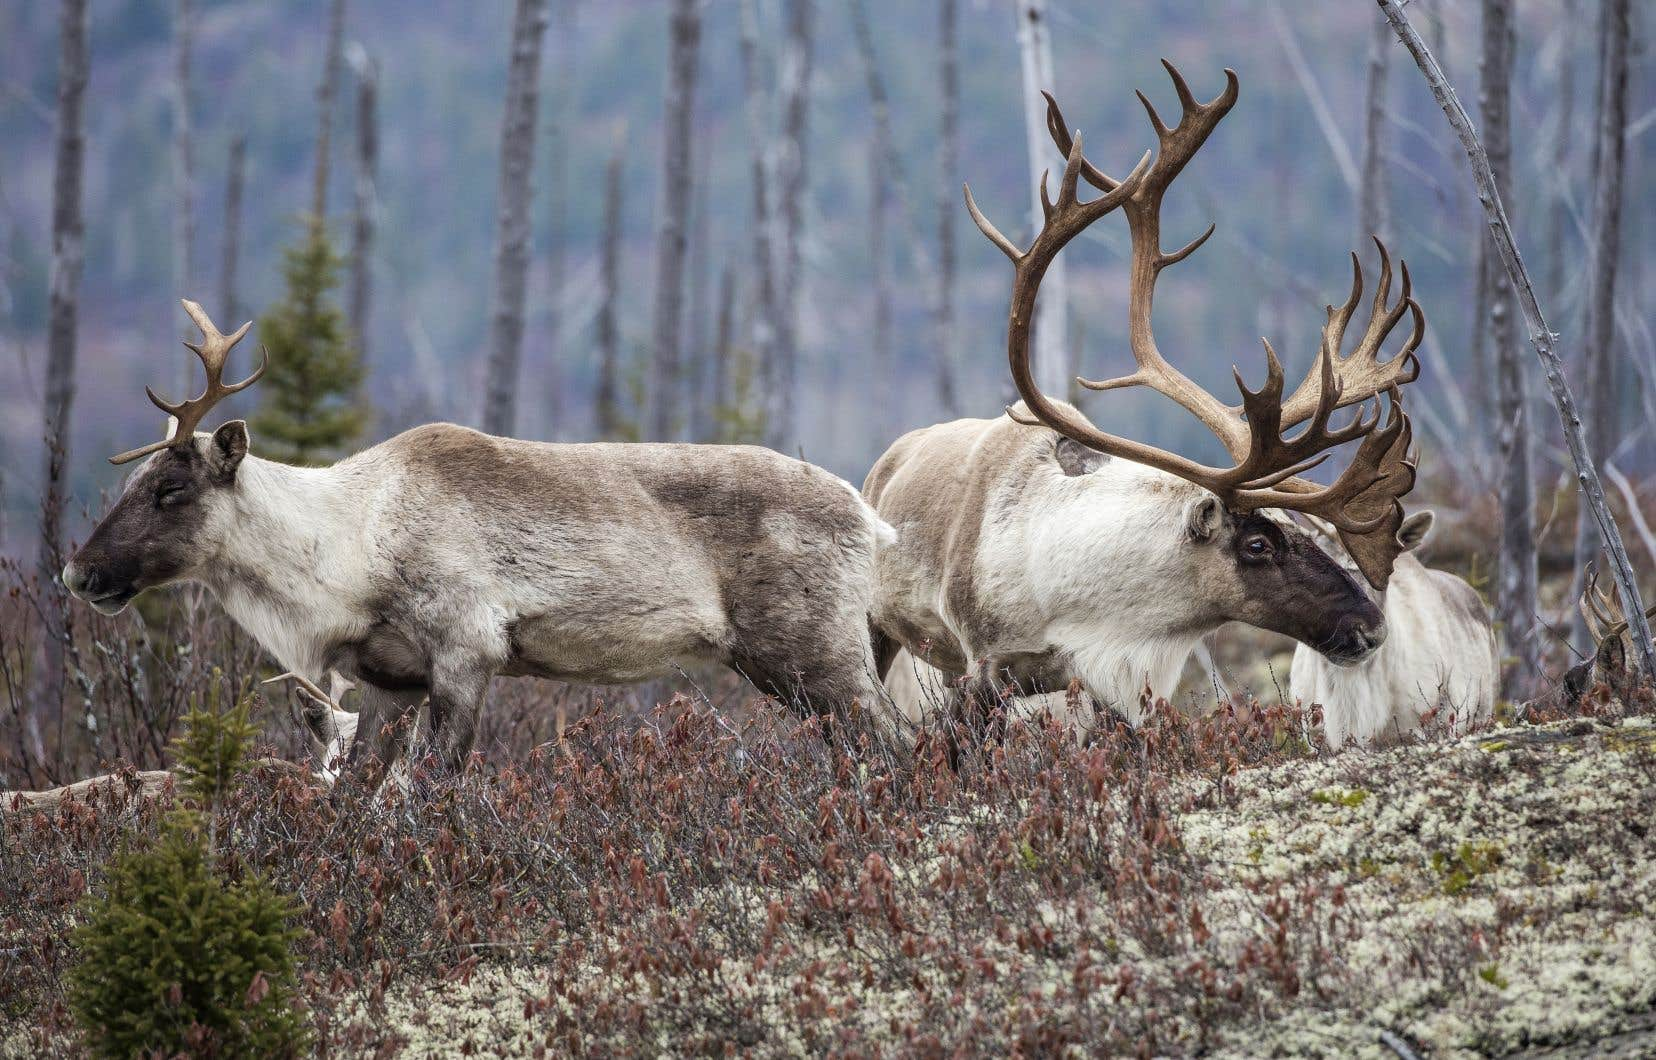 Le gouvernement a décidé d'envoyer tous les caribous du parc national des Grands-Jardins, dans Charlevoix, en captivité.